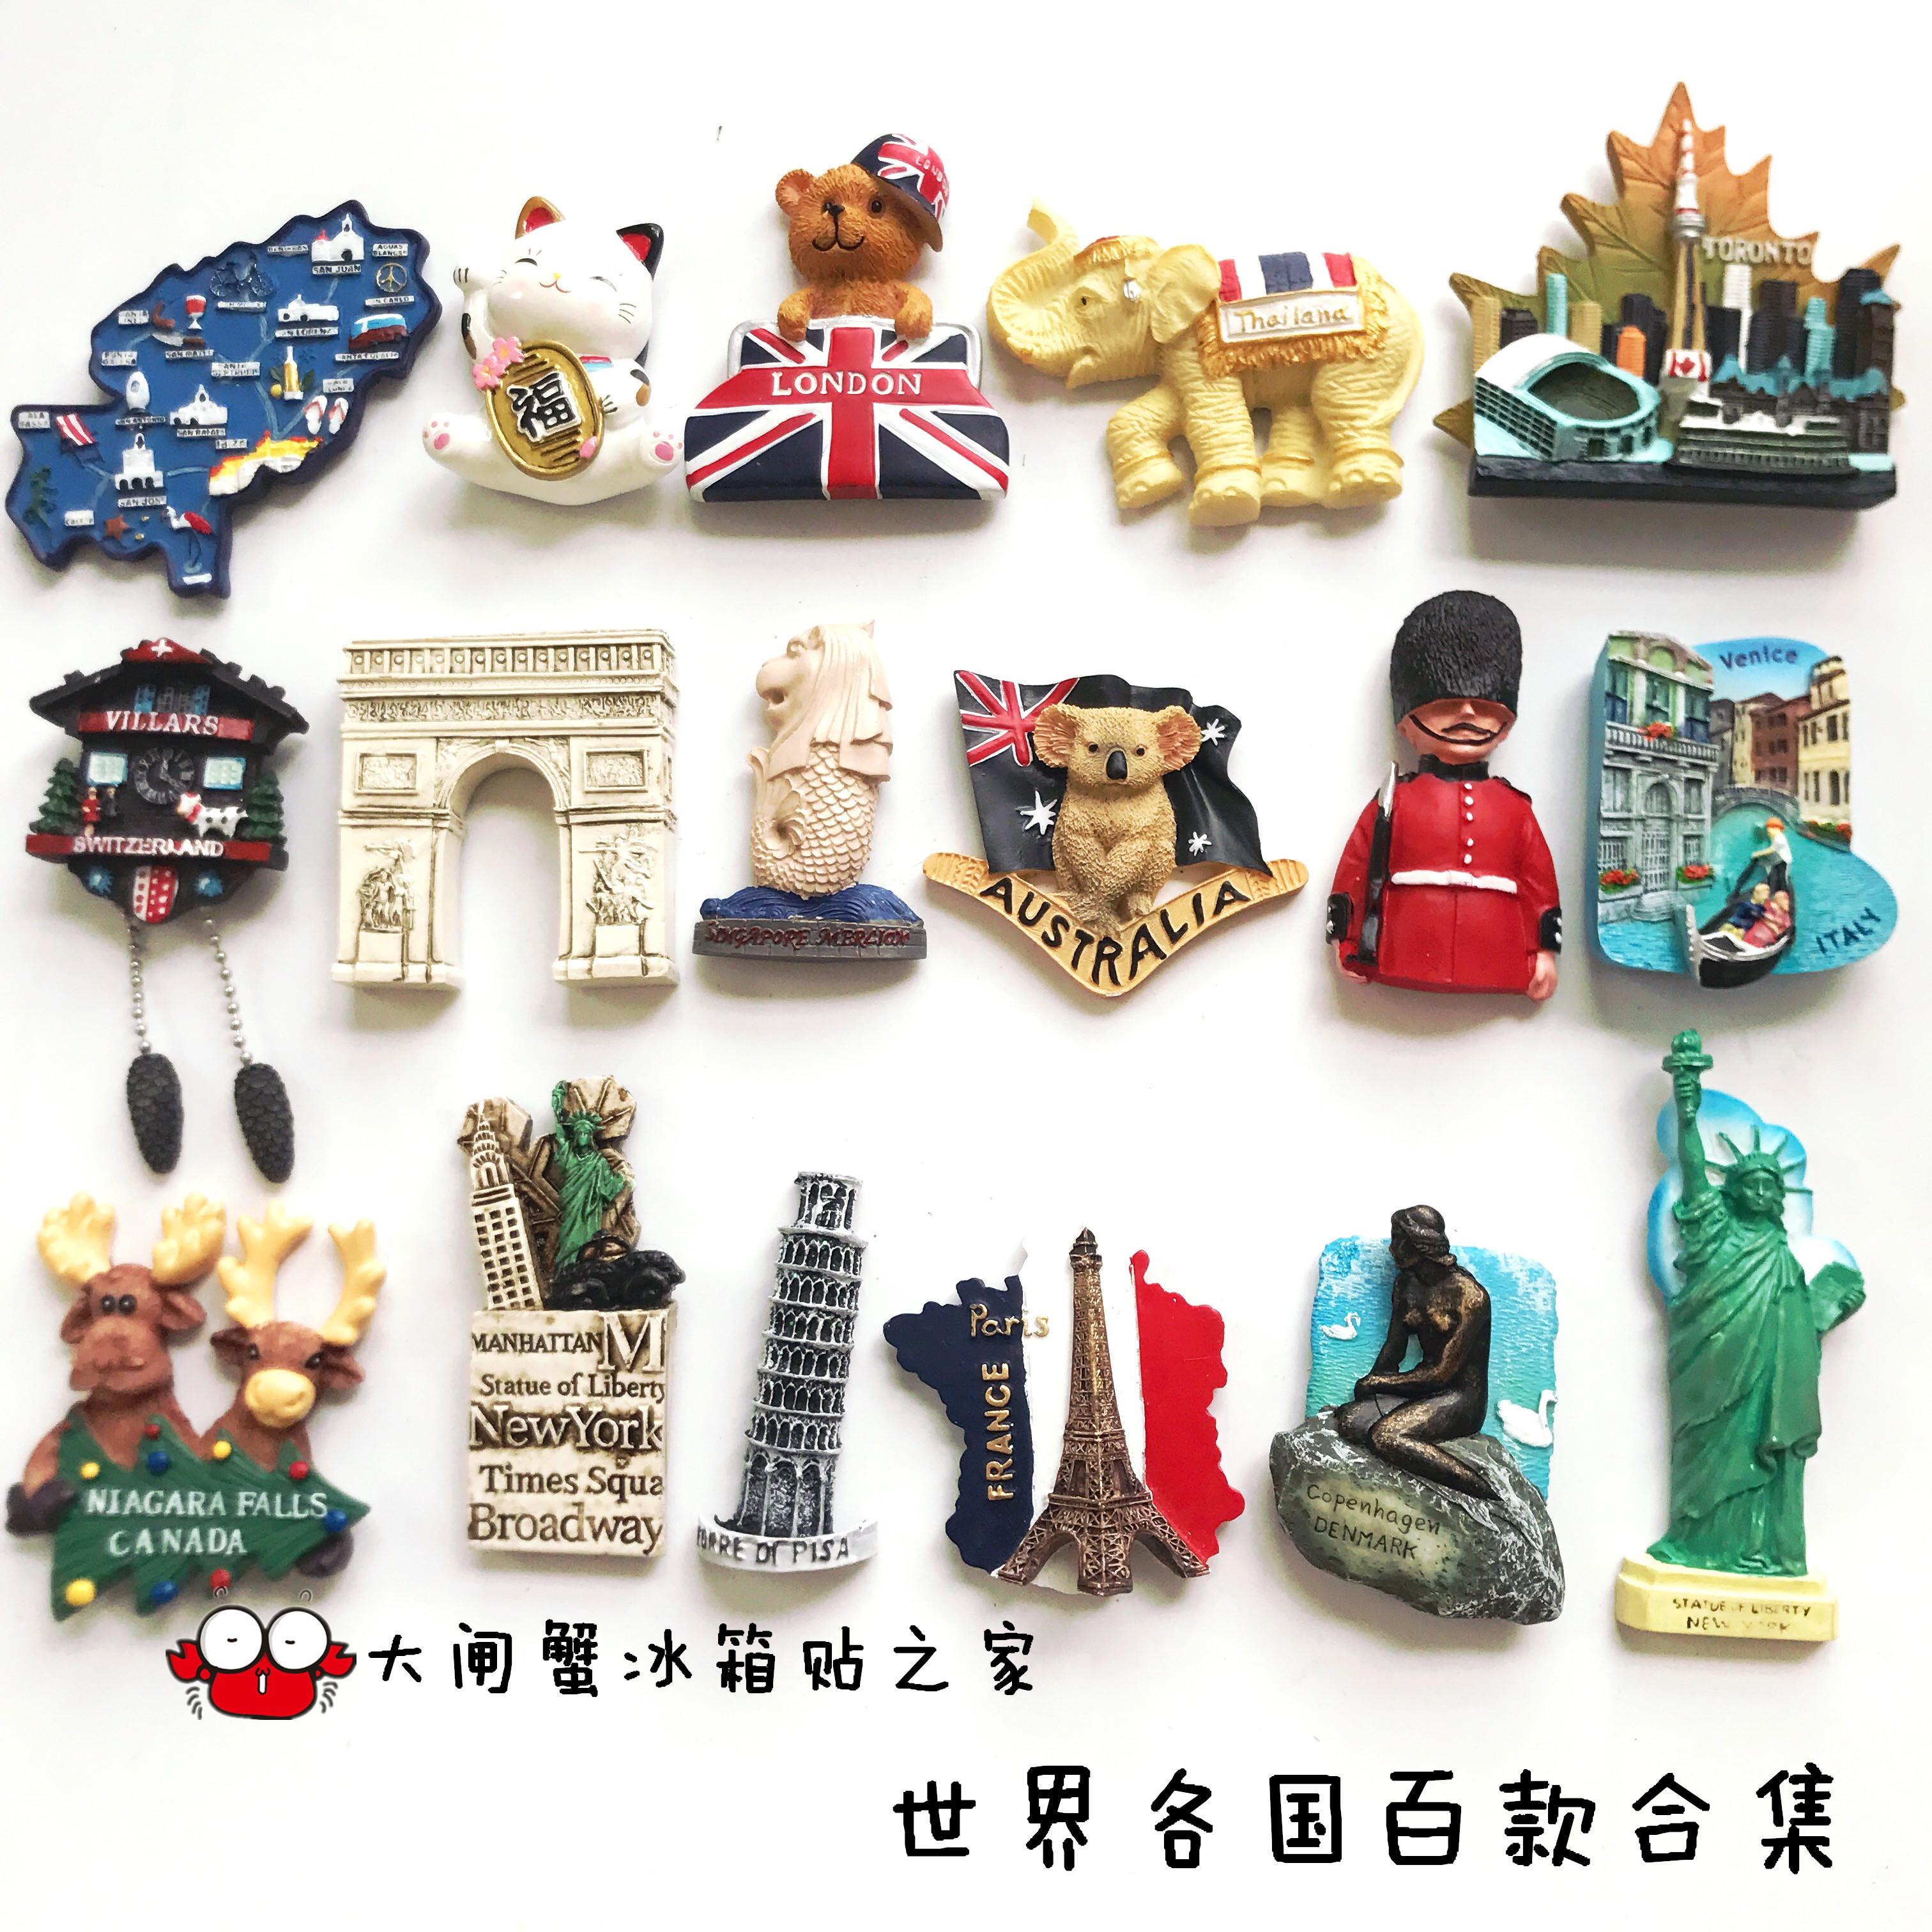 Сто модель путешествие холодильник годовщина статья мир каждый страна путешествие трехмерный магнит магнитный паста смола высококачественный 3d